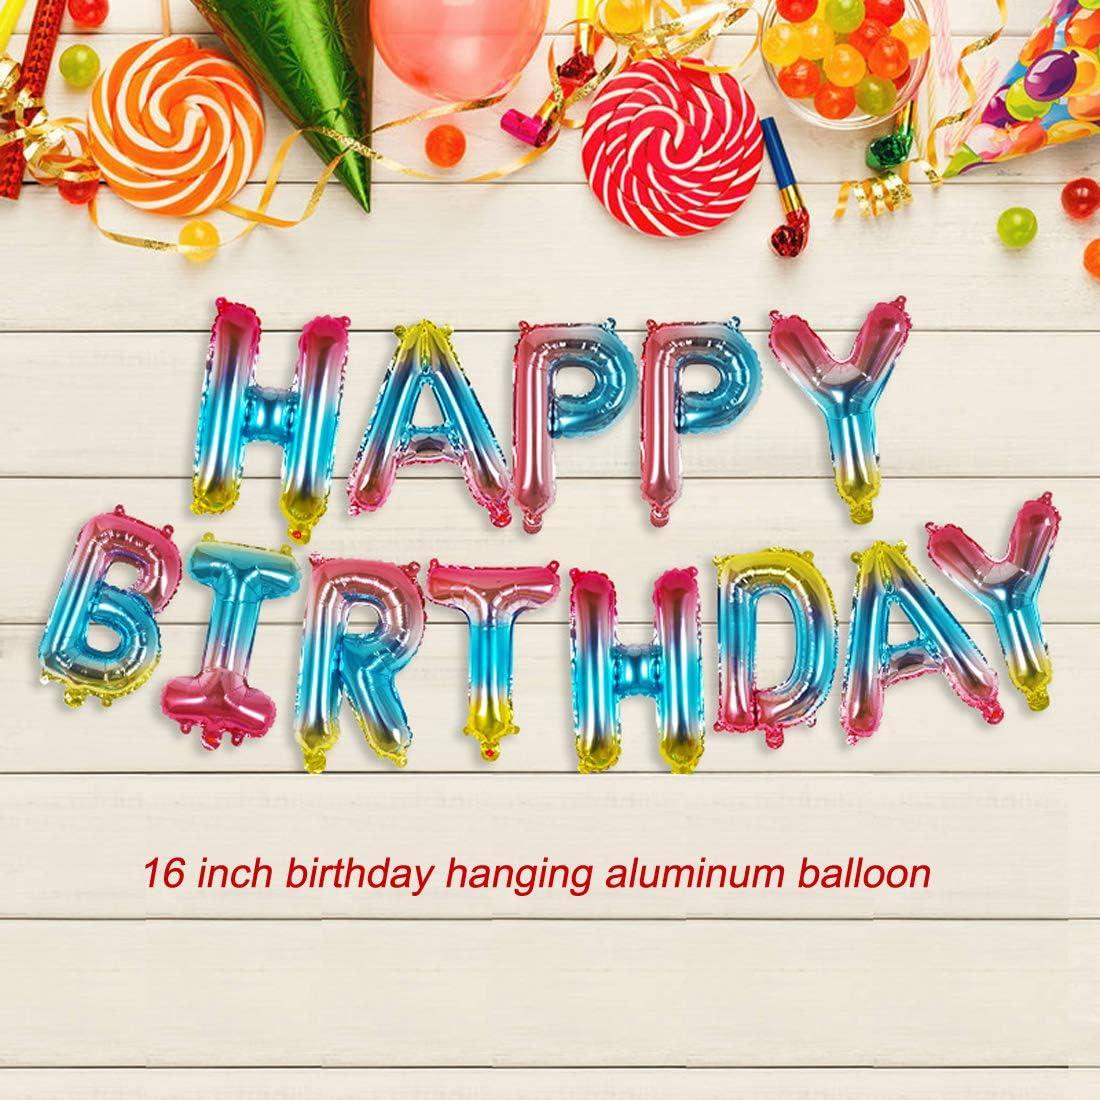 CRAZY GOTEND 32 Inch Crown 1 Balloon Set 1st Birthday Wedding Anniversary Aluminum Film Balloon Party Decoration